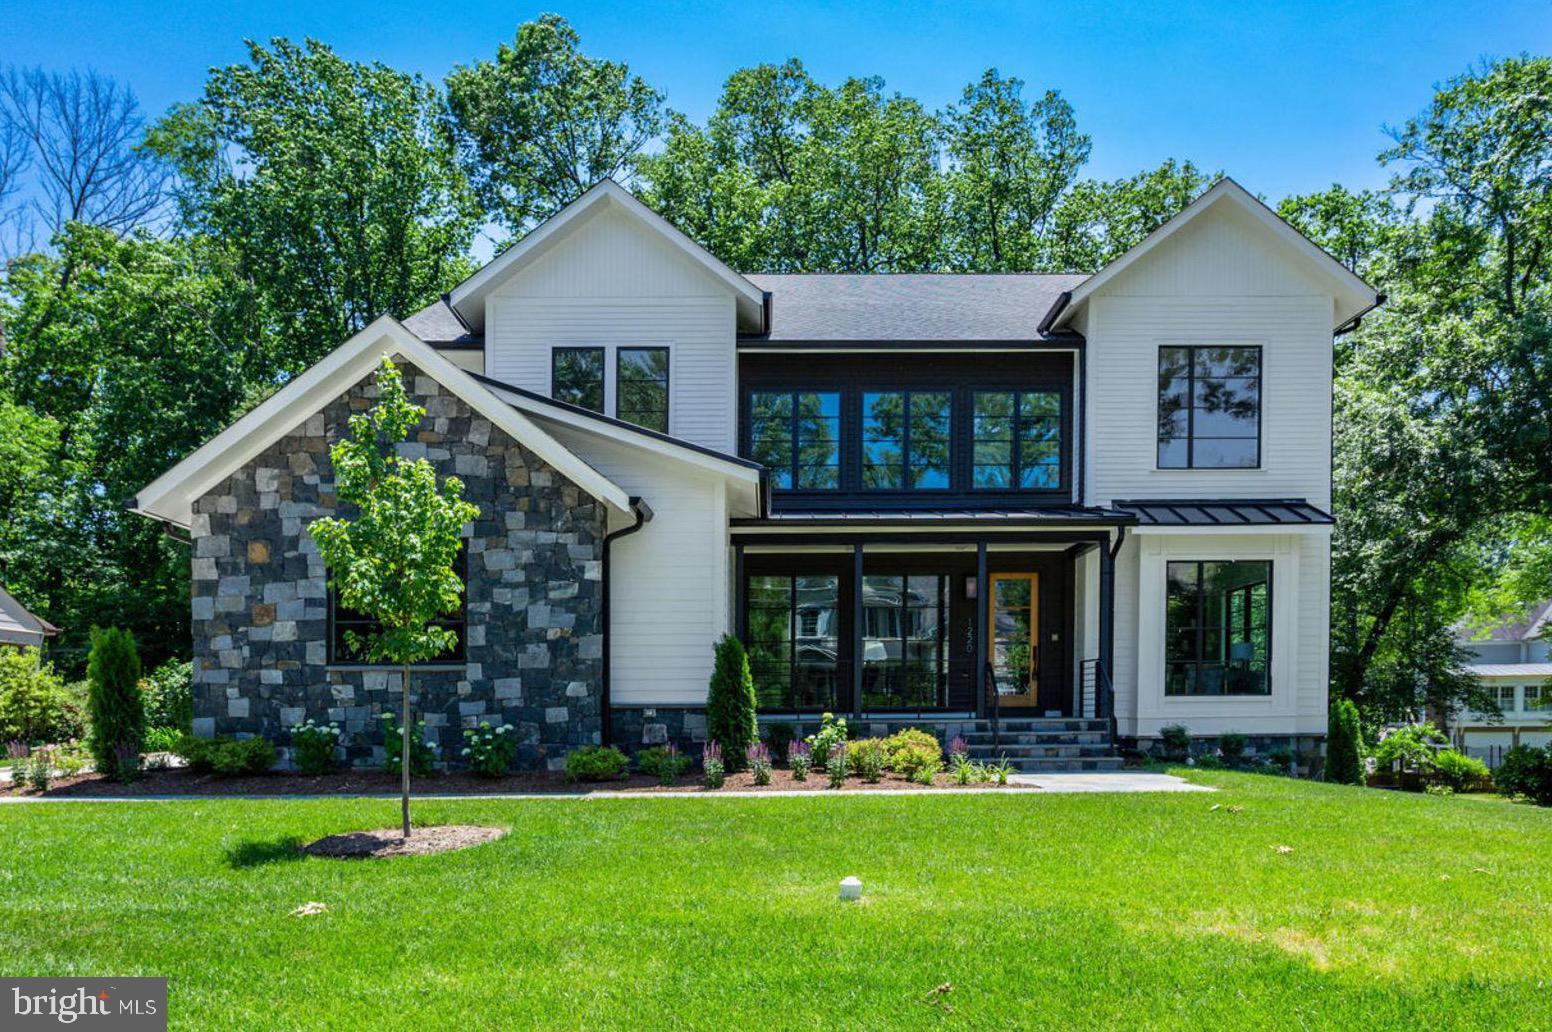 1220 Raymond Ave, Mclean, VA, 22101